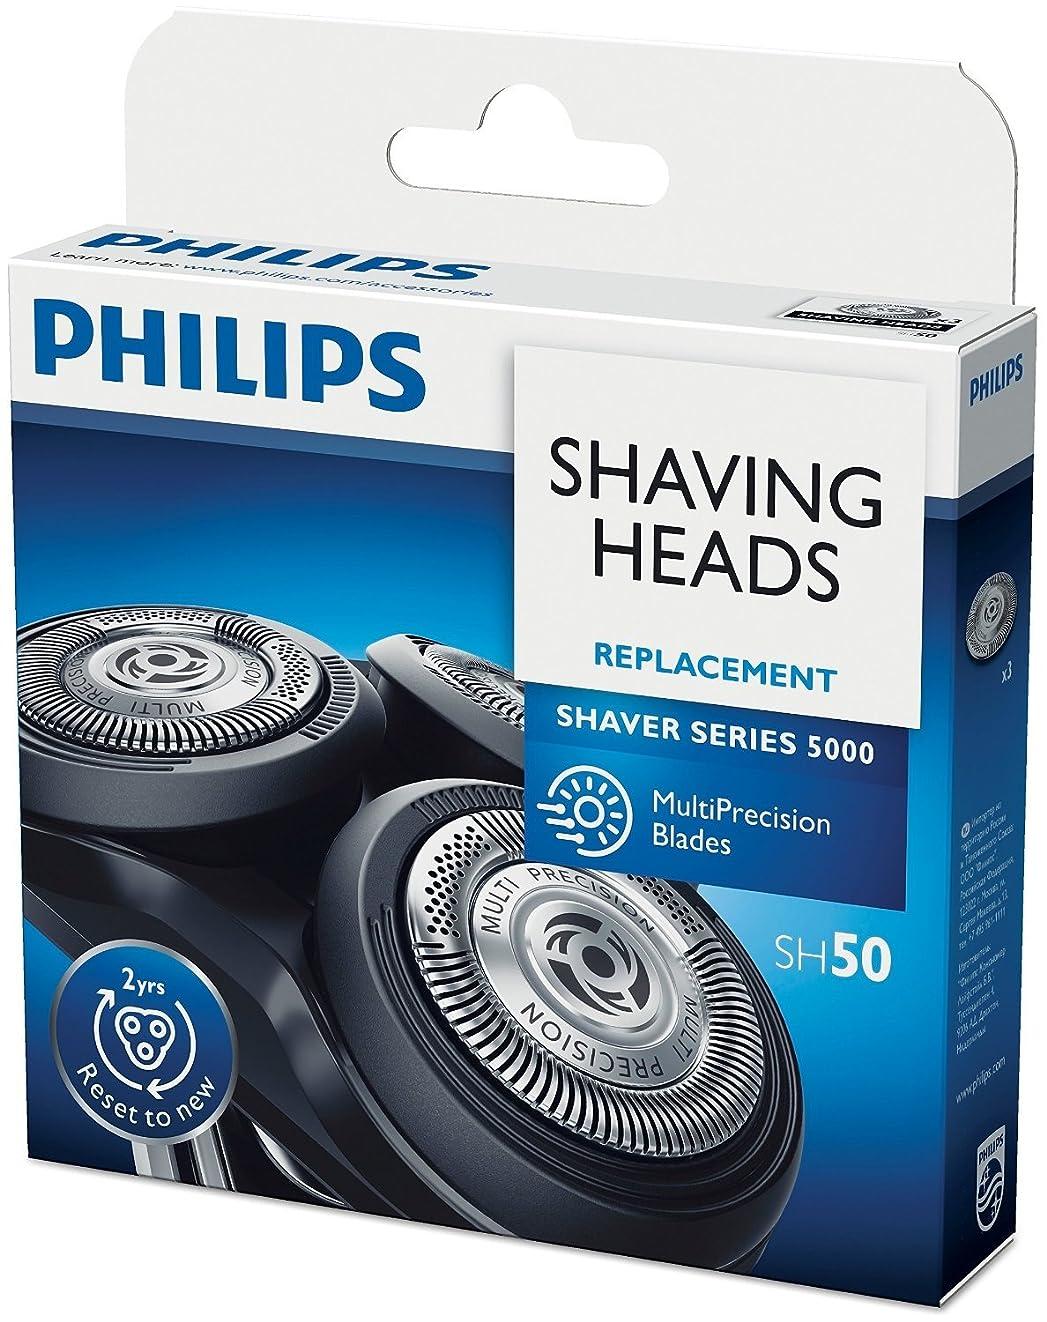 付添人公平検出可能フィリップス 5000シリーズ用替刃 SH50/51